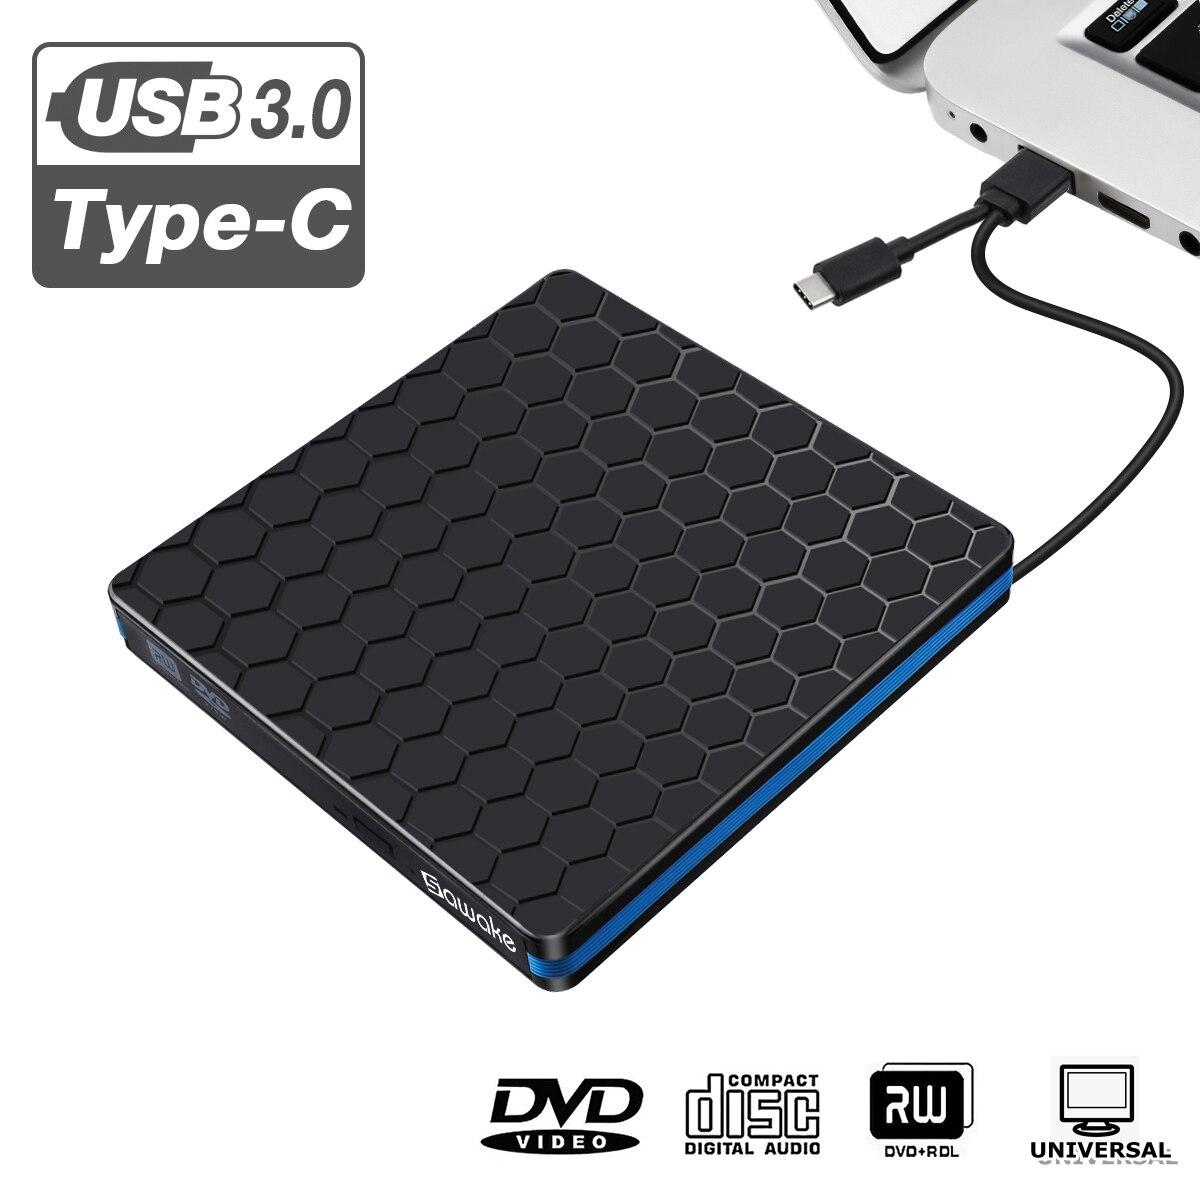 USB 3.0 Slim externe lecteur DVD CD lecteurs optiques graveur graveur lecteur enregistreur pour ordinateur portable ordinateur de bureau Type C appareils